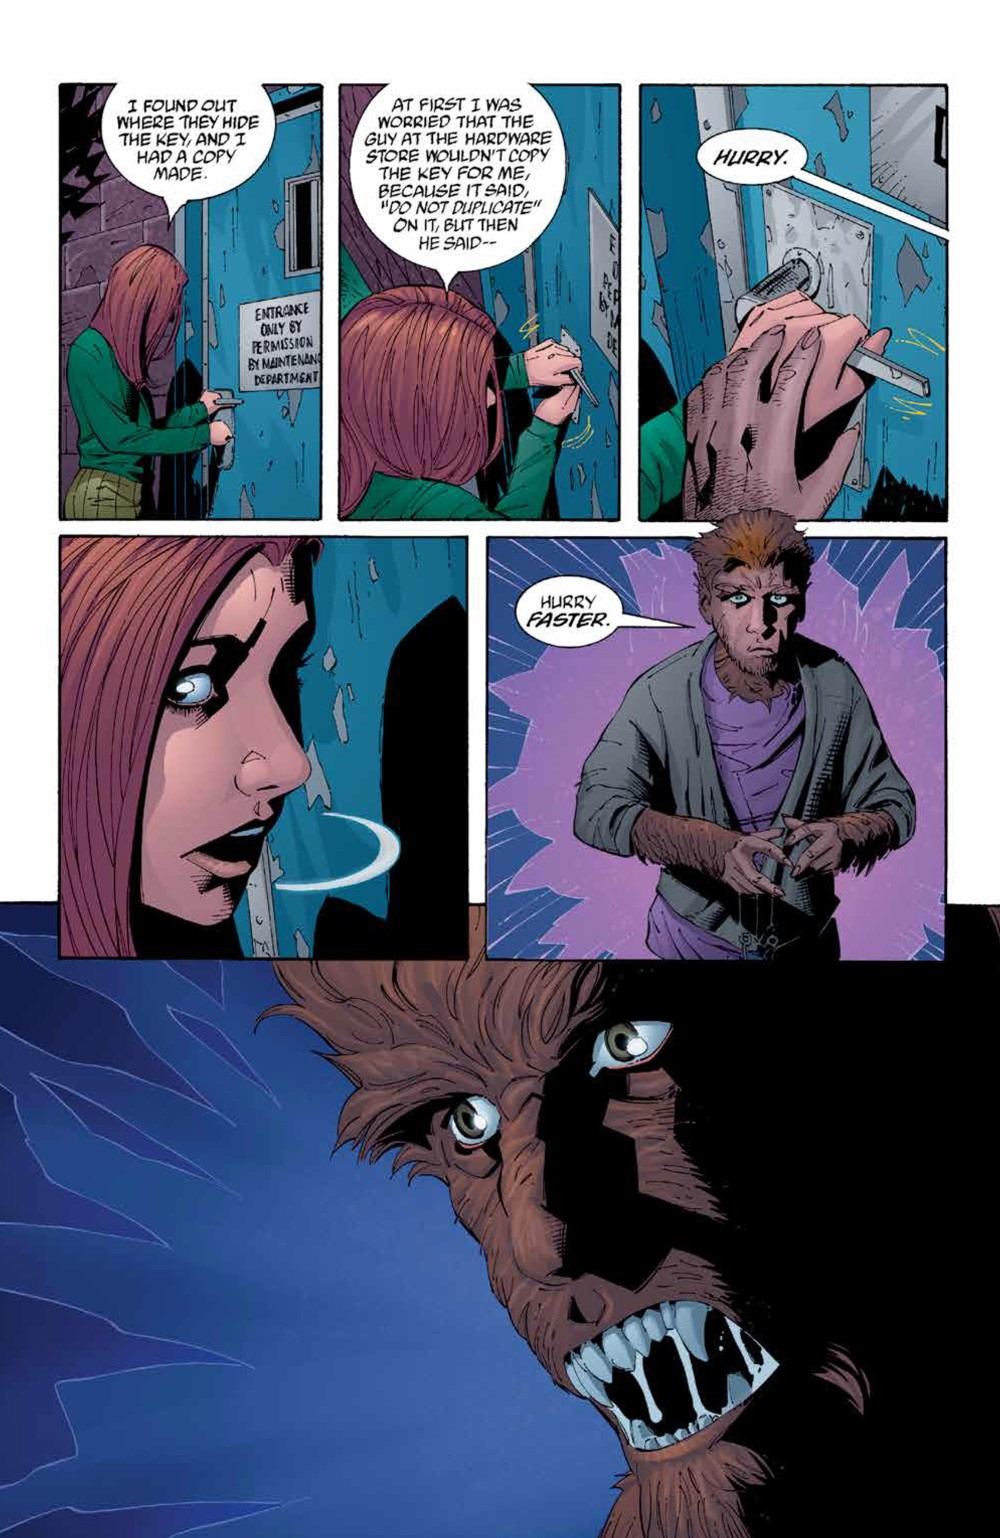 Buffy_Legacy_v5_SC_PRESS_13 ComicList Previews: BUFFY VAMPIRE SLAYER LEGACY EDITION VOLUME 5 TP